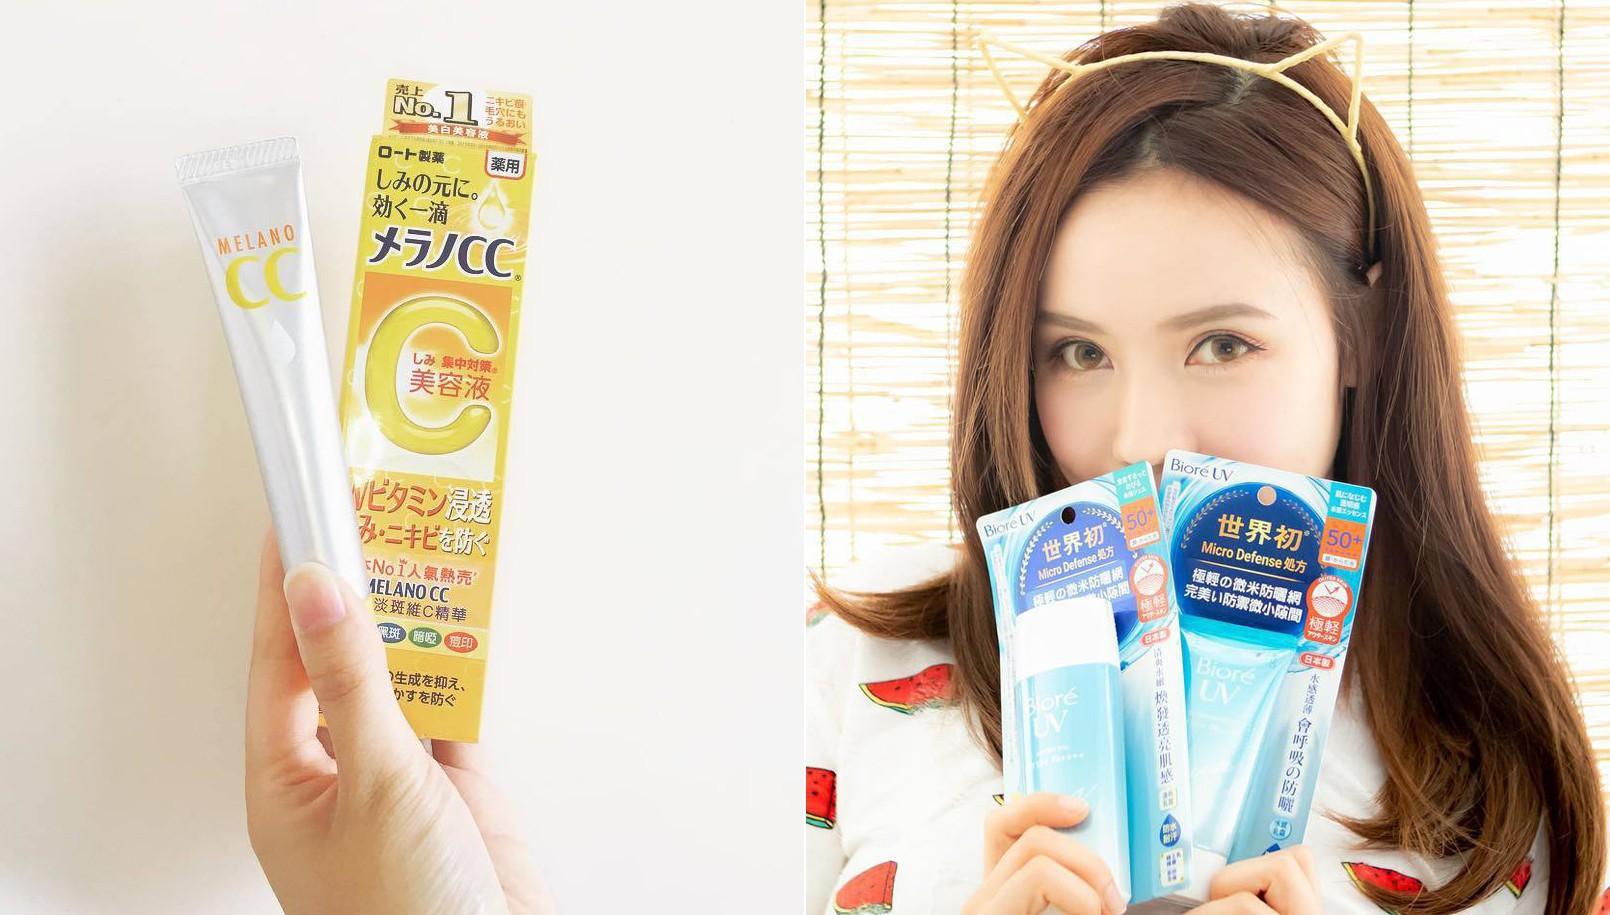 """5 bộ đôi serum vitamin C và kem chống nắng bình dân mà bạn có thể dễ dàng tìm mua để có làn da đẹp """"thần thánh"""" - Ảnh 4."""